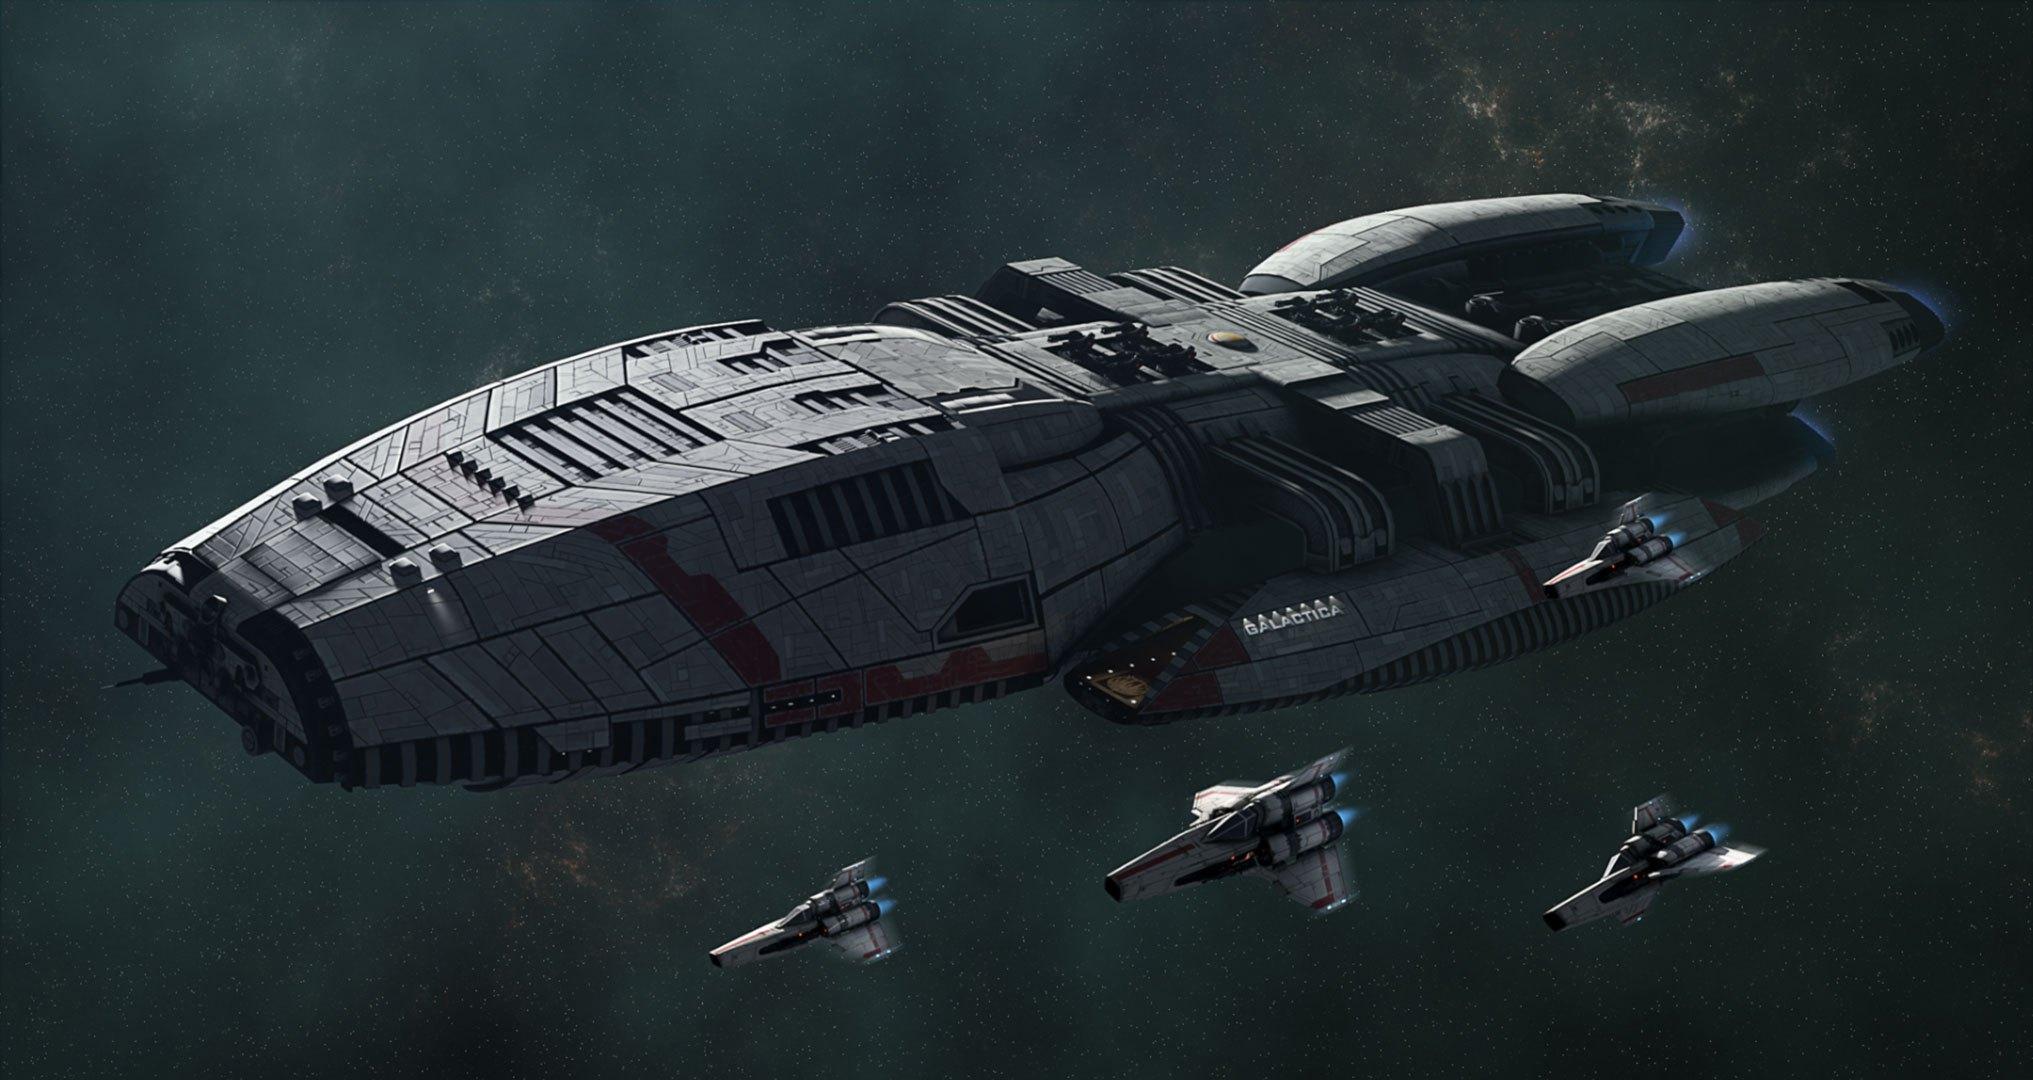 """К команде перезапуска «Звёздного крейсера """"Галактика""""» присоединился сценарист «Макбета»и «Кредо убийцы»"""